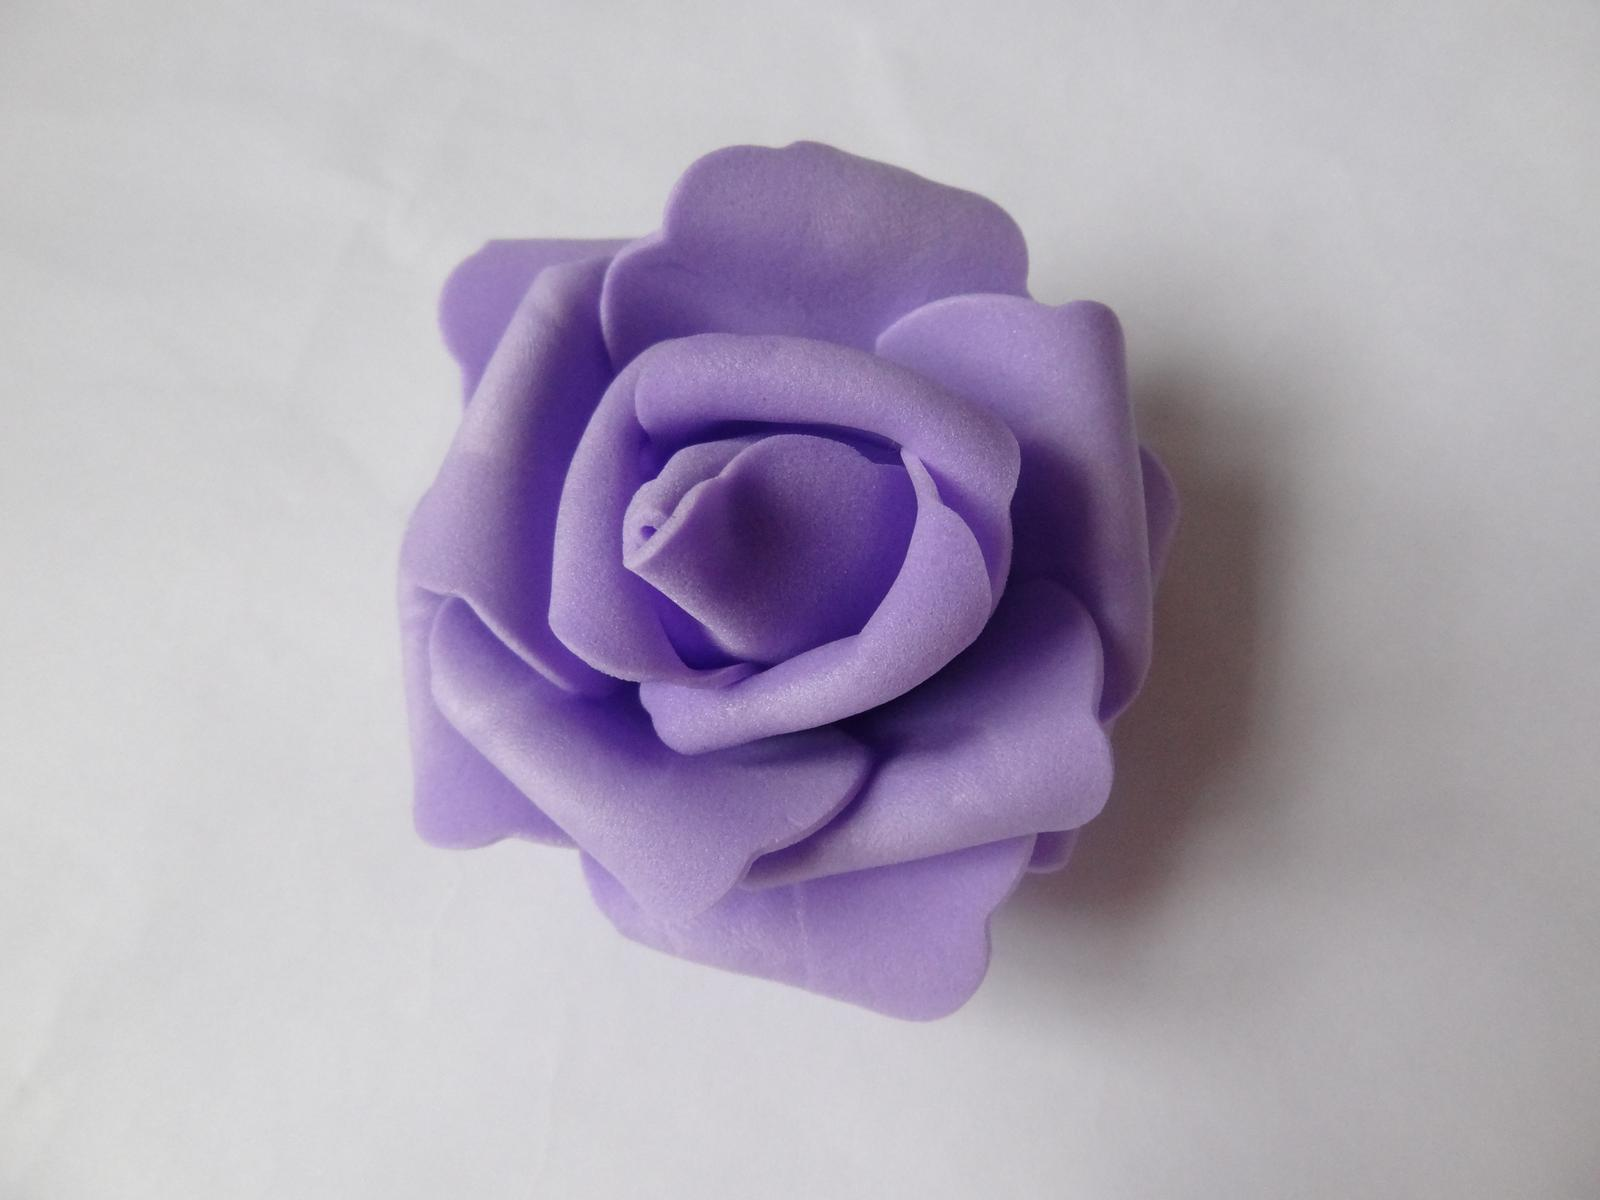 Pěnové růže 6cm - Obrázek č. 2